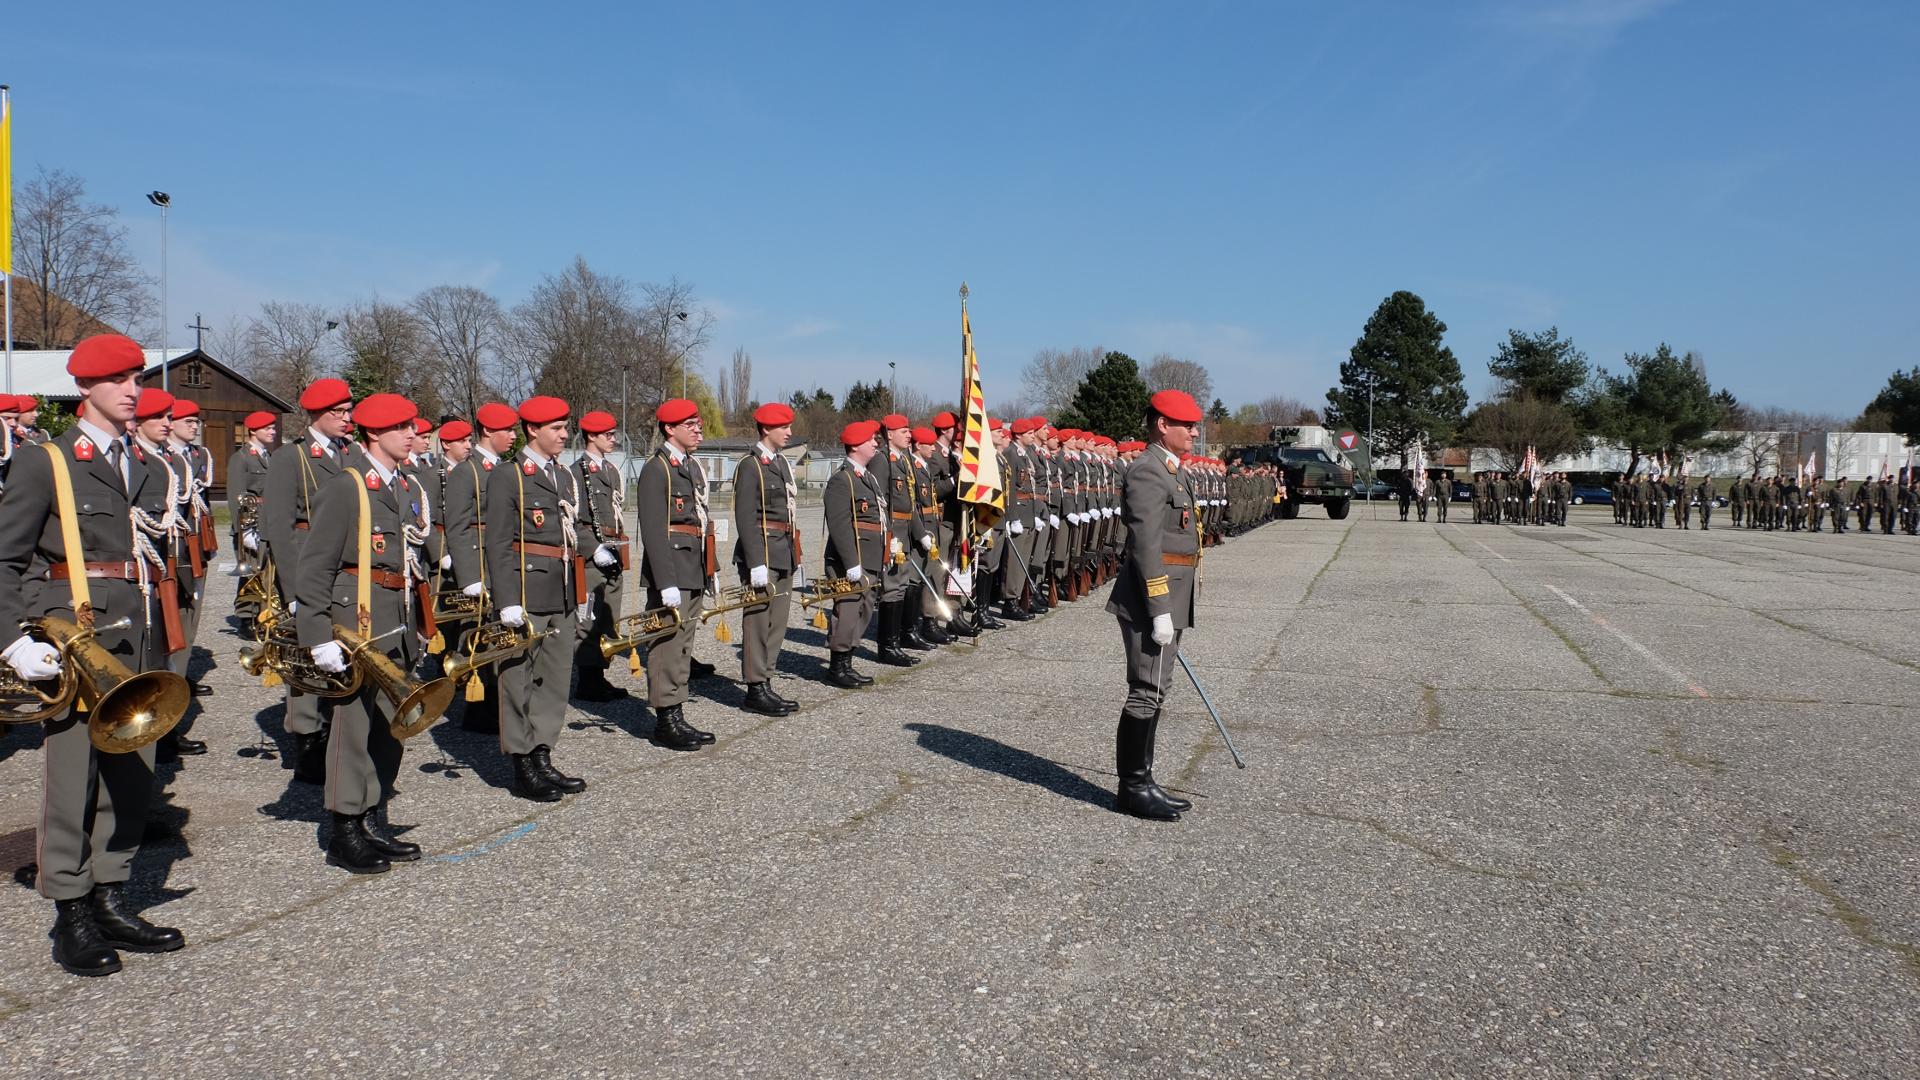 Österreichische Identität-Bundesheer-Identität-Garde-Graz-Parade-Soldaten